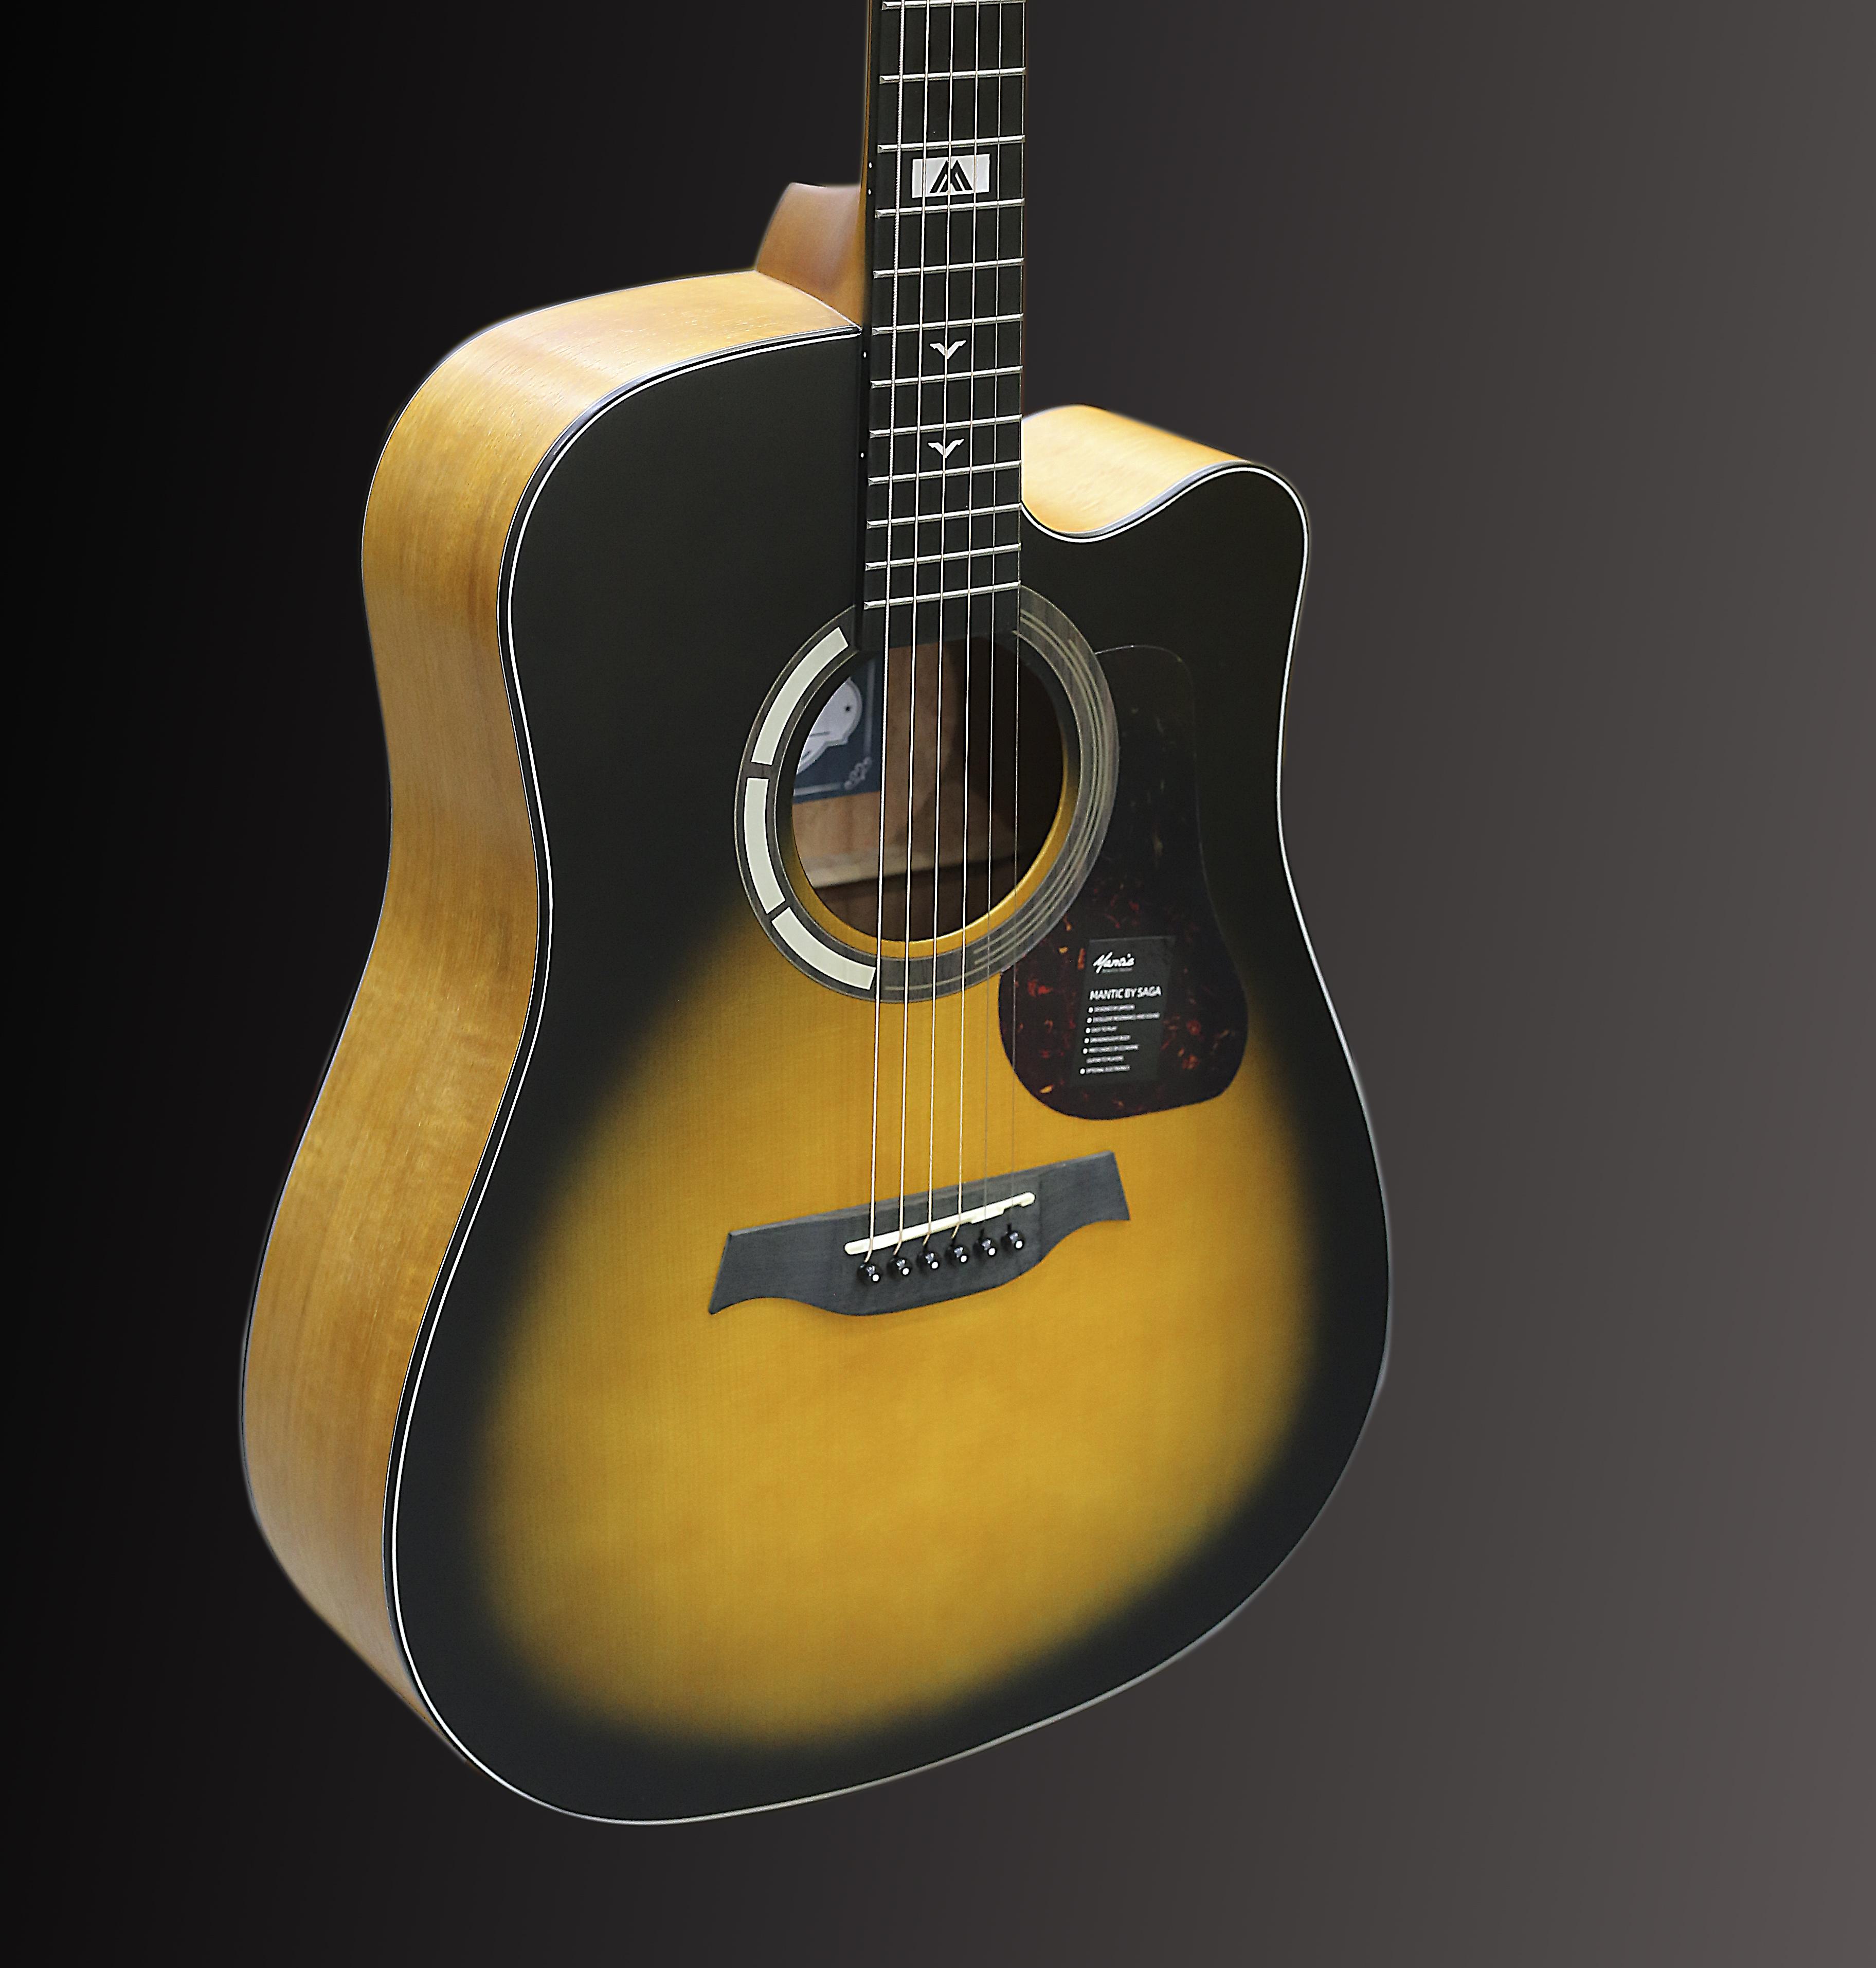 Đàn Guitar Acoustic GT-1DC Mầu Sunburst Chất Lượng Tốt